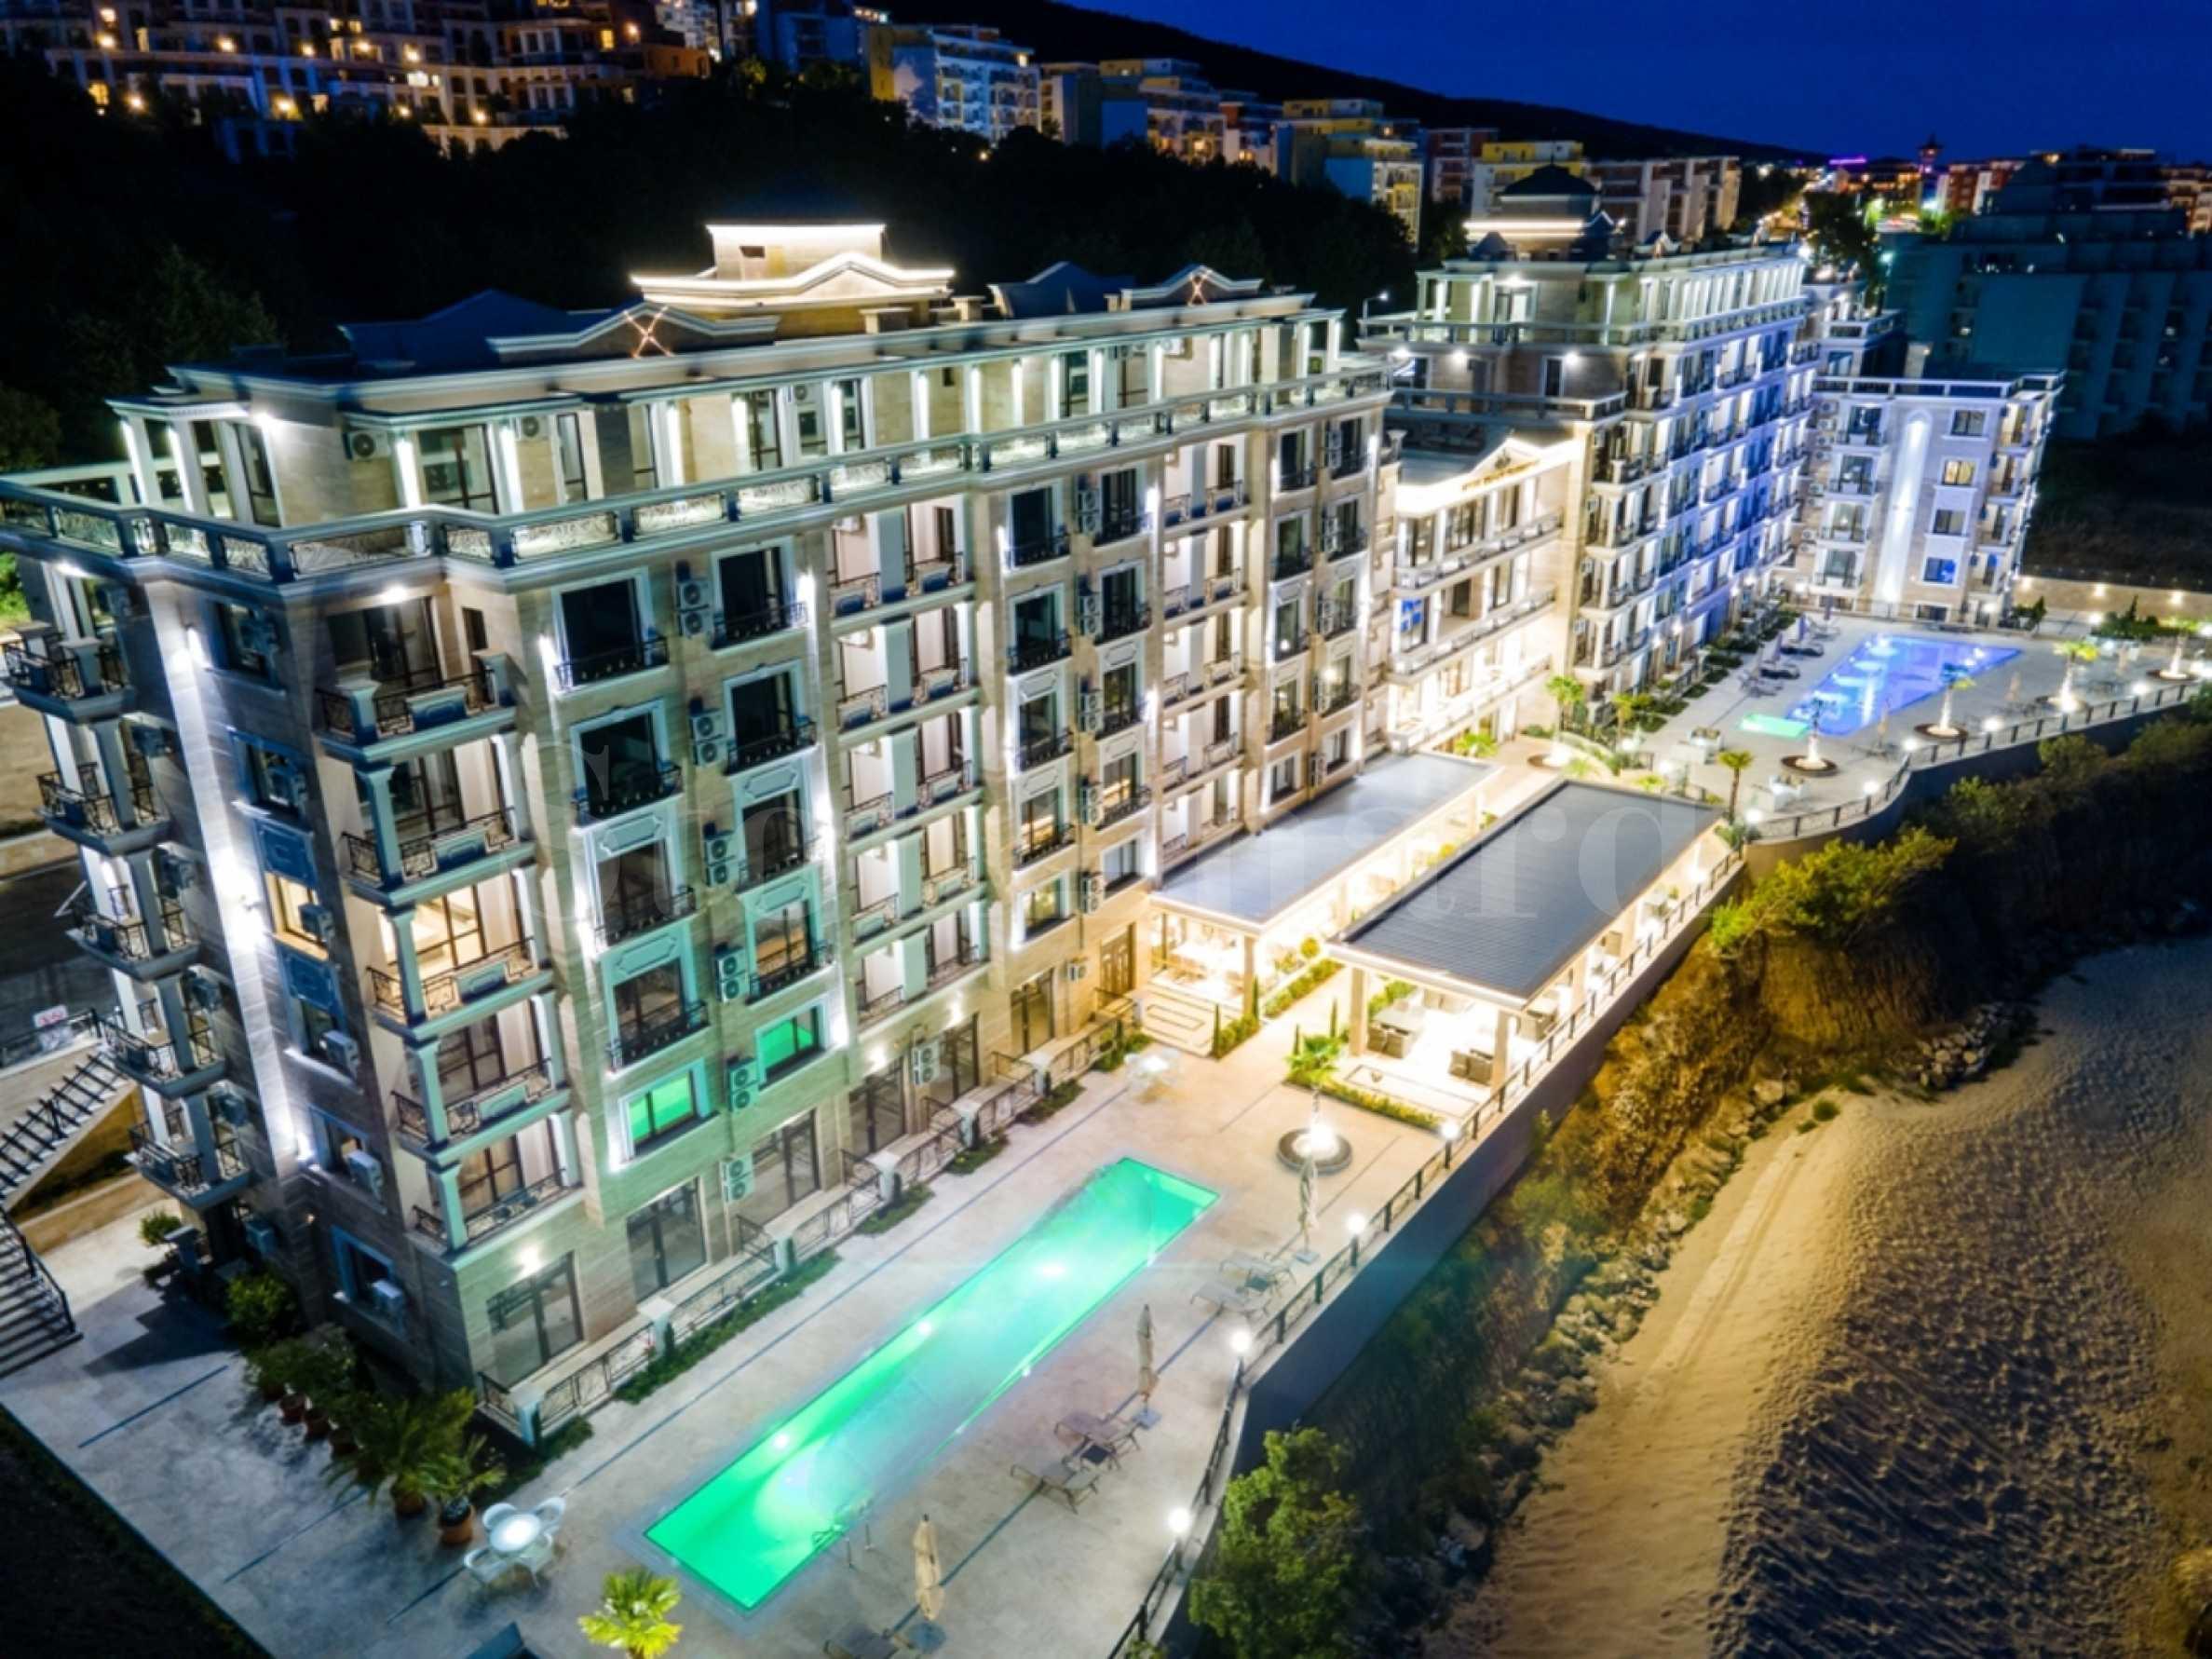 Апартаменти в крайбрежен комплекс на първа линия в Свети Влас1 - Stonehard